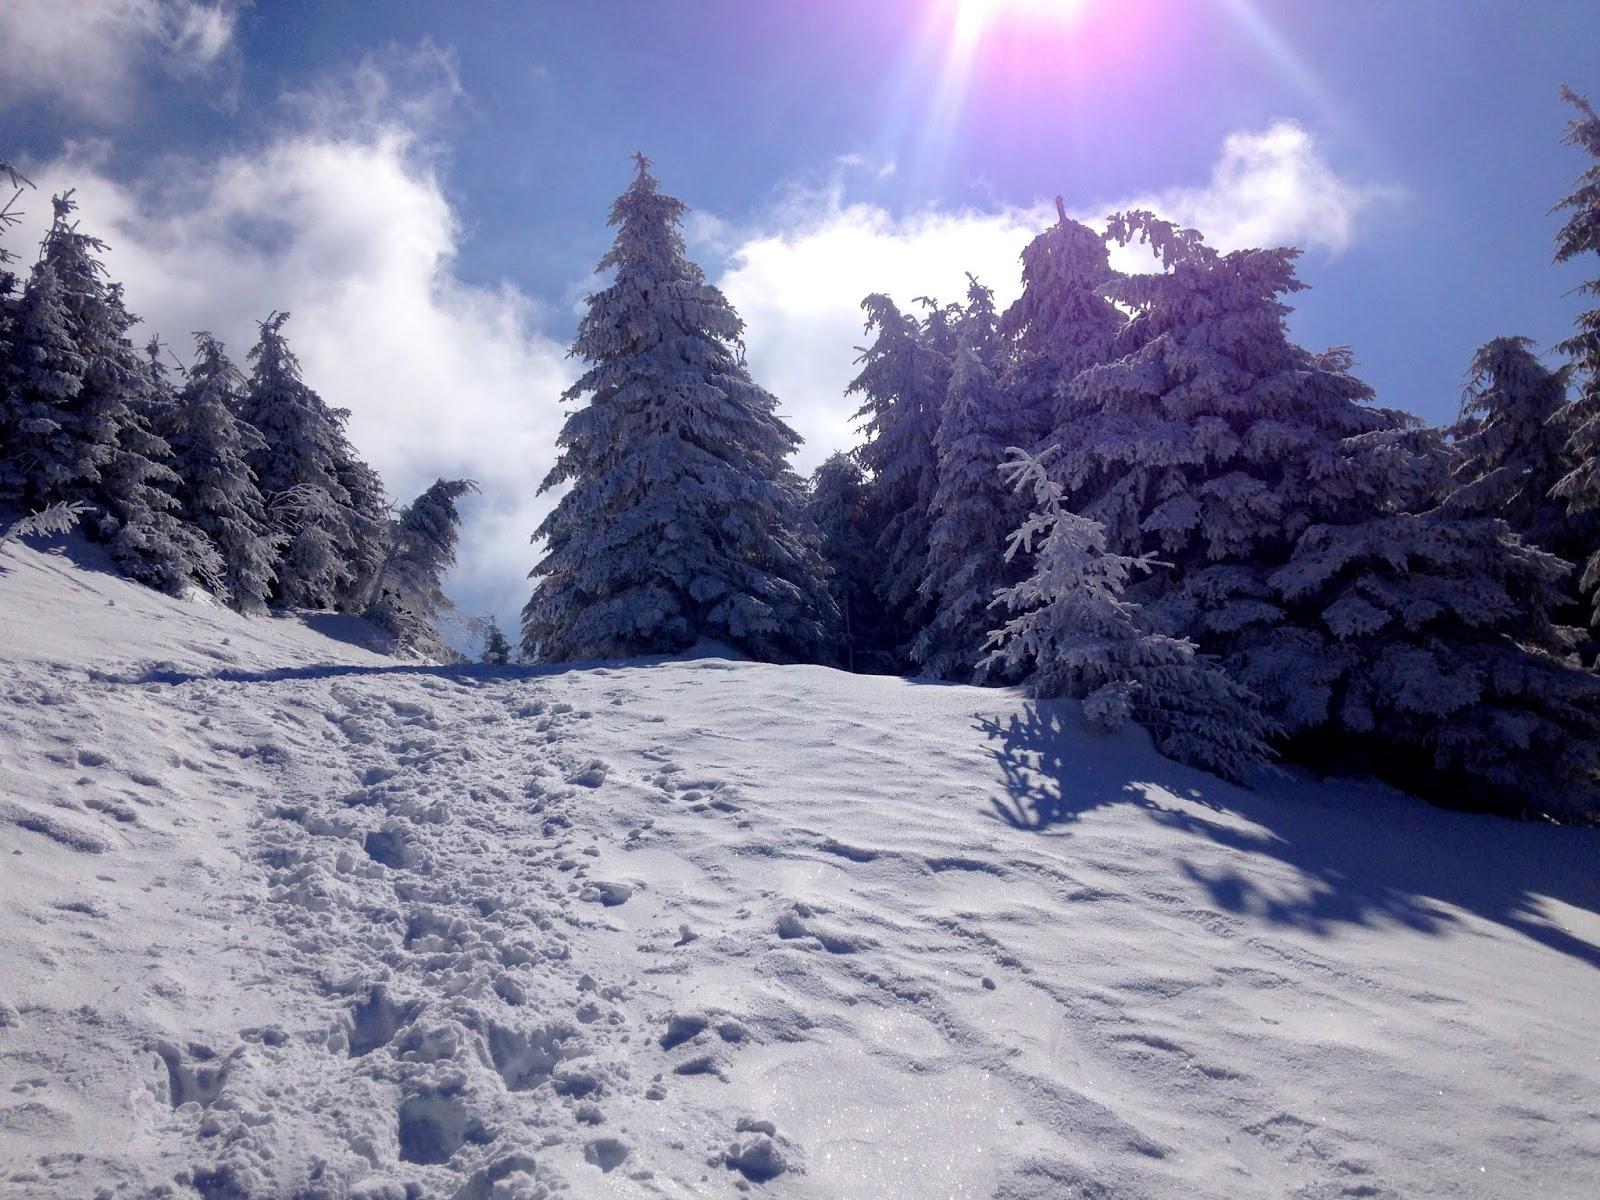 Wielki Chocz podejście zimowe w śniegu